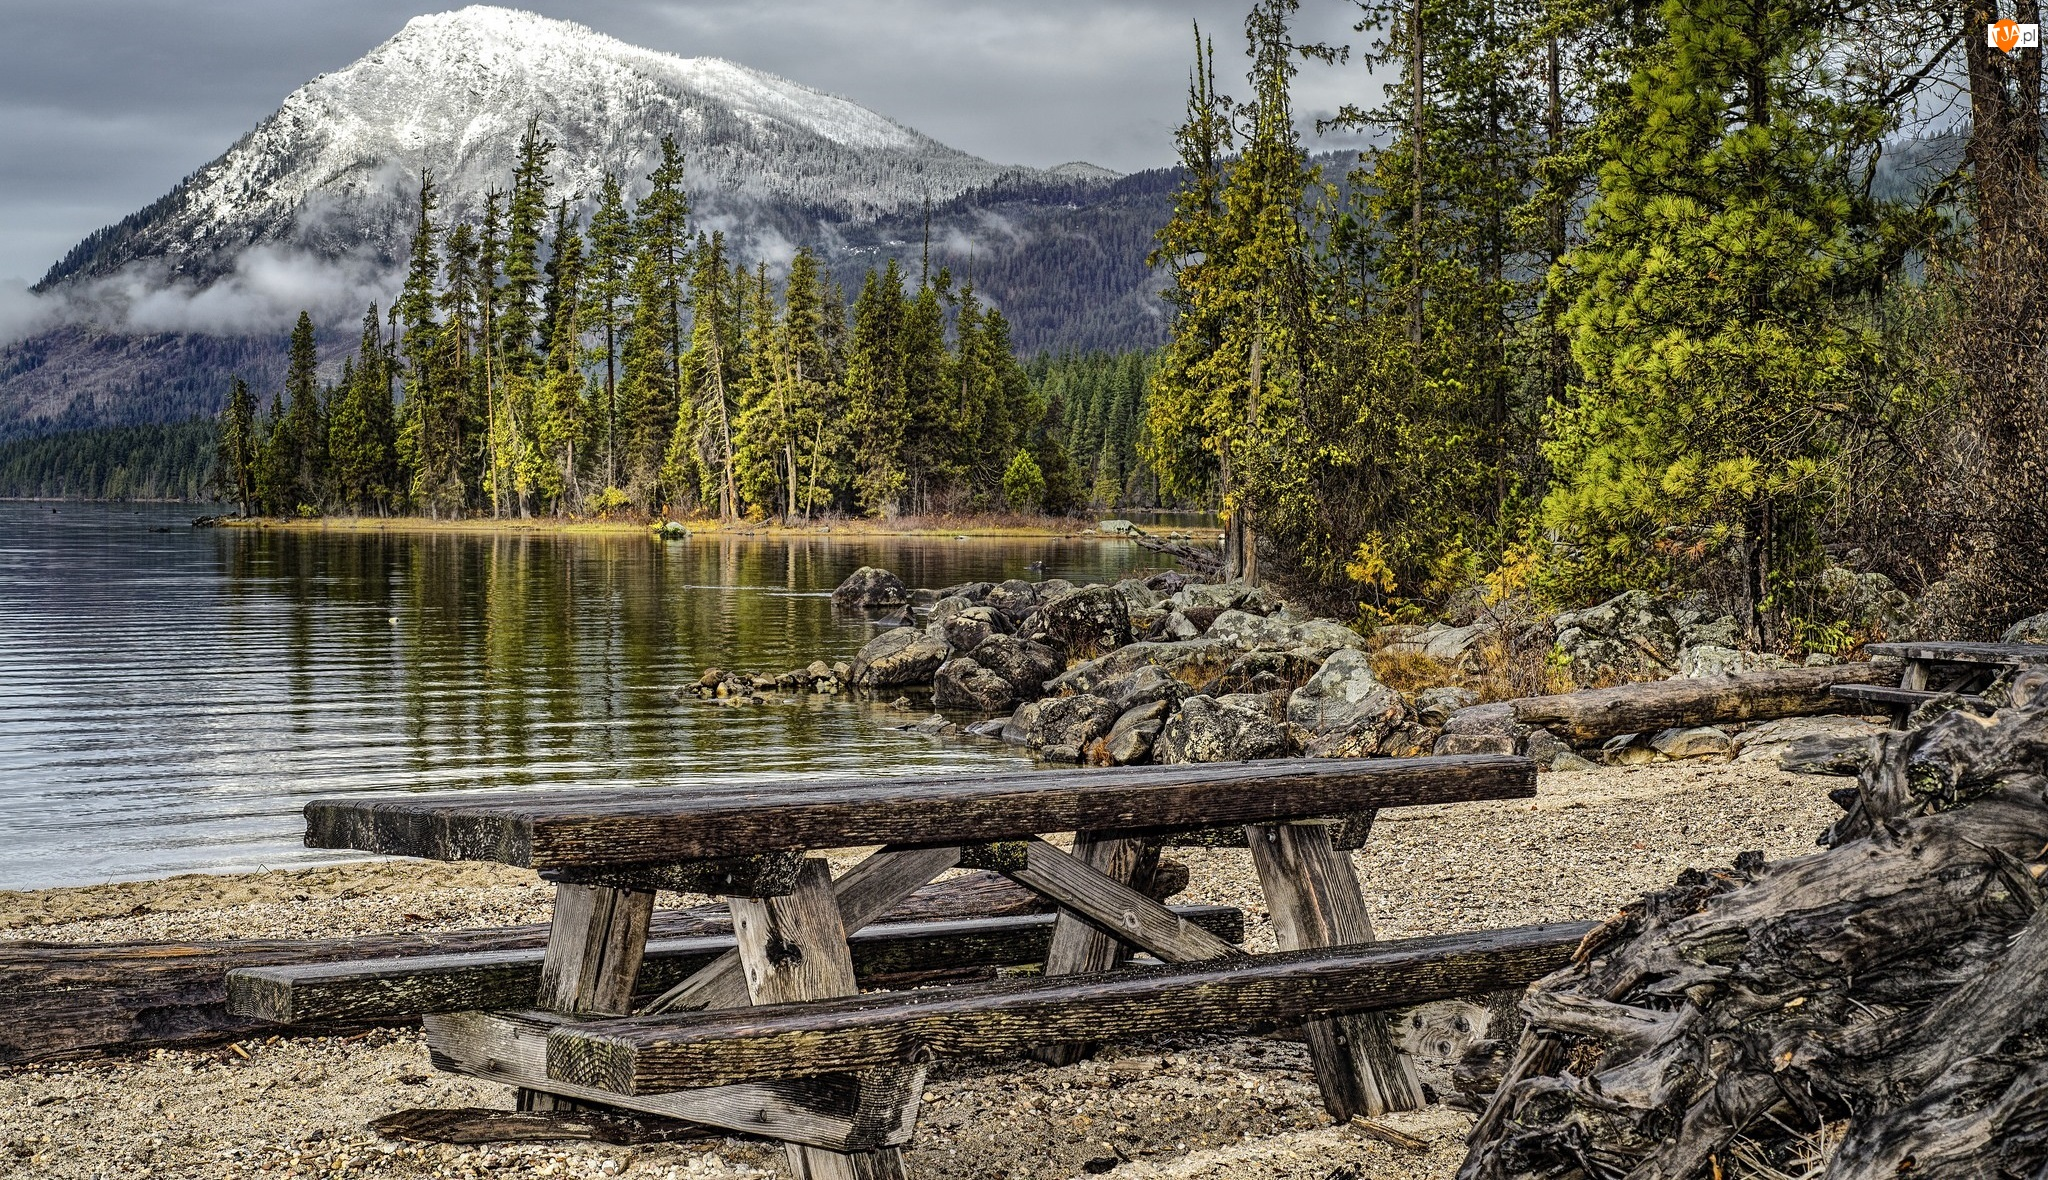 Drzewa, Góry, Stan Waszyngton, Stany Zjednoczone, Ławki, Park Stanowy Lake Wenatchee, Jezioro